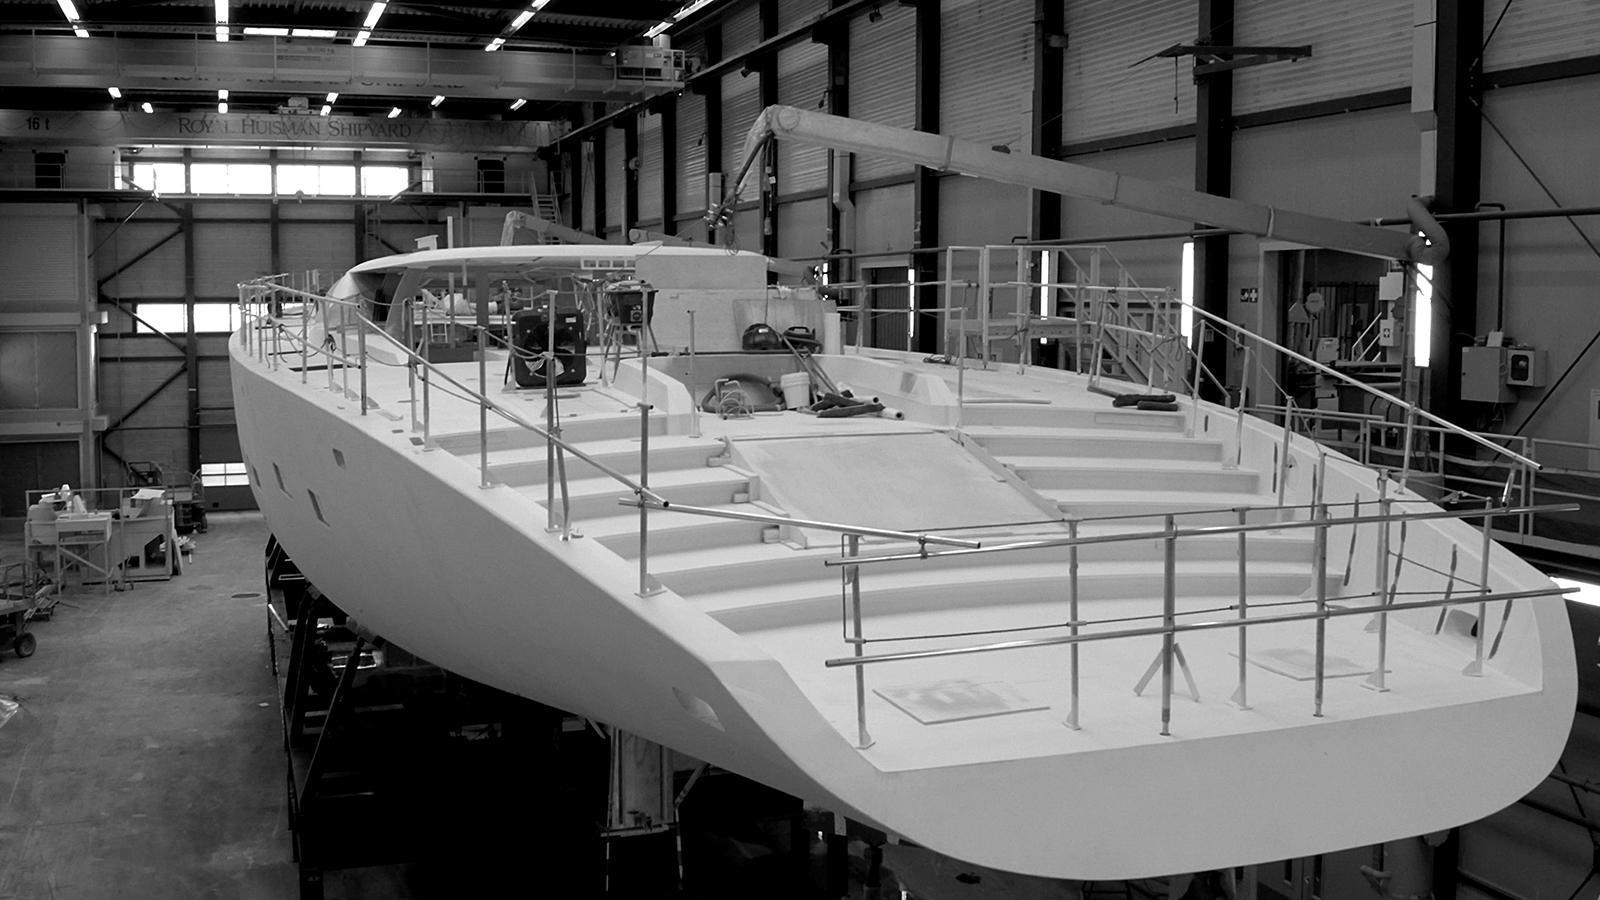 ngoni sailing yacht royal huisman 58m 2017 under construction